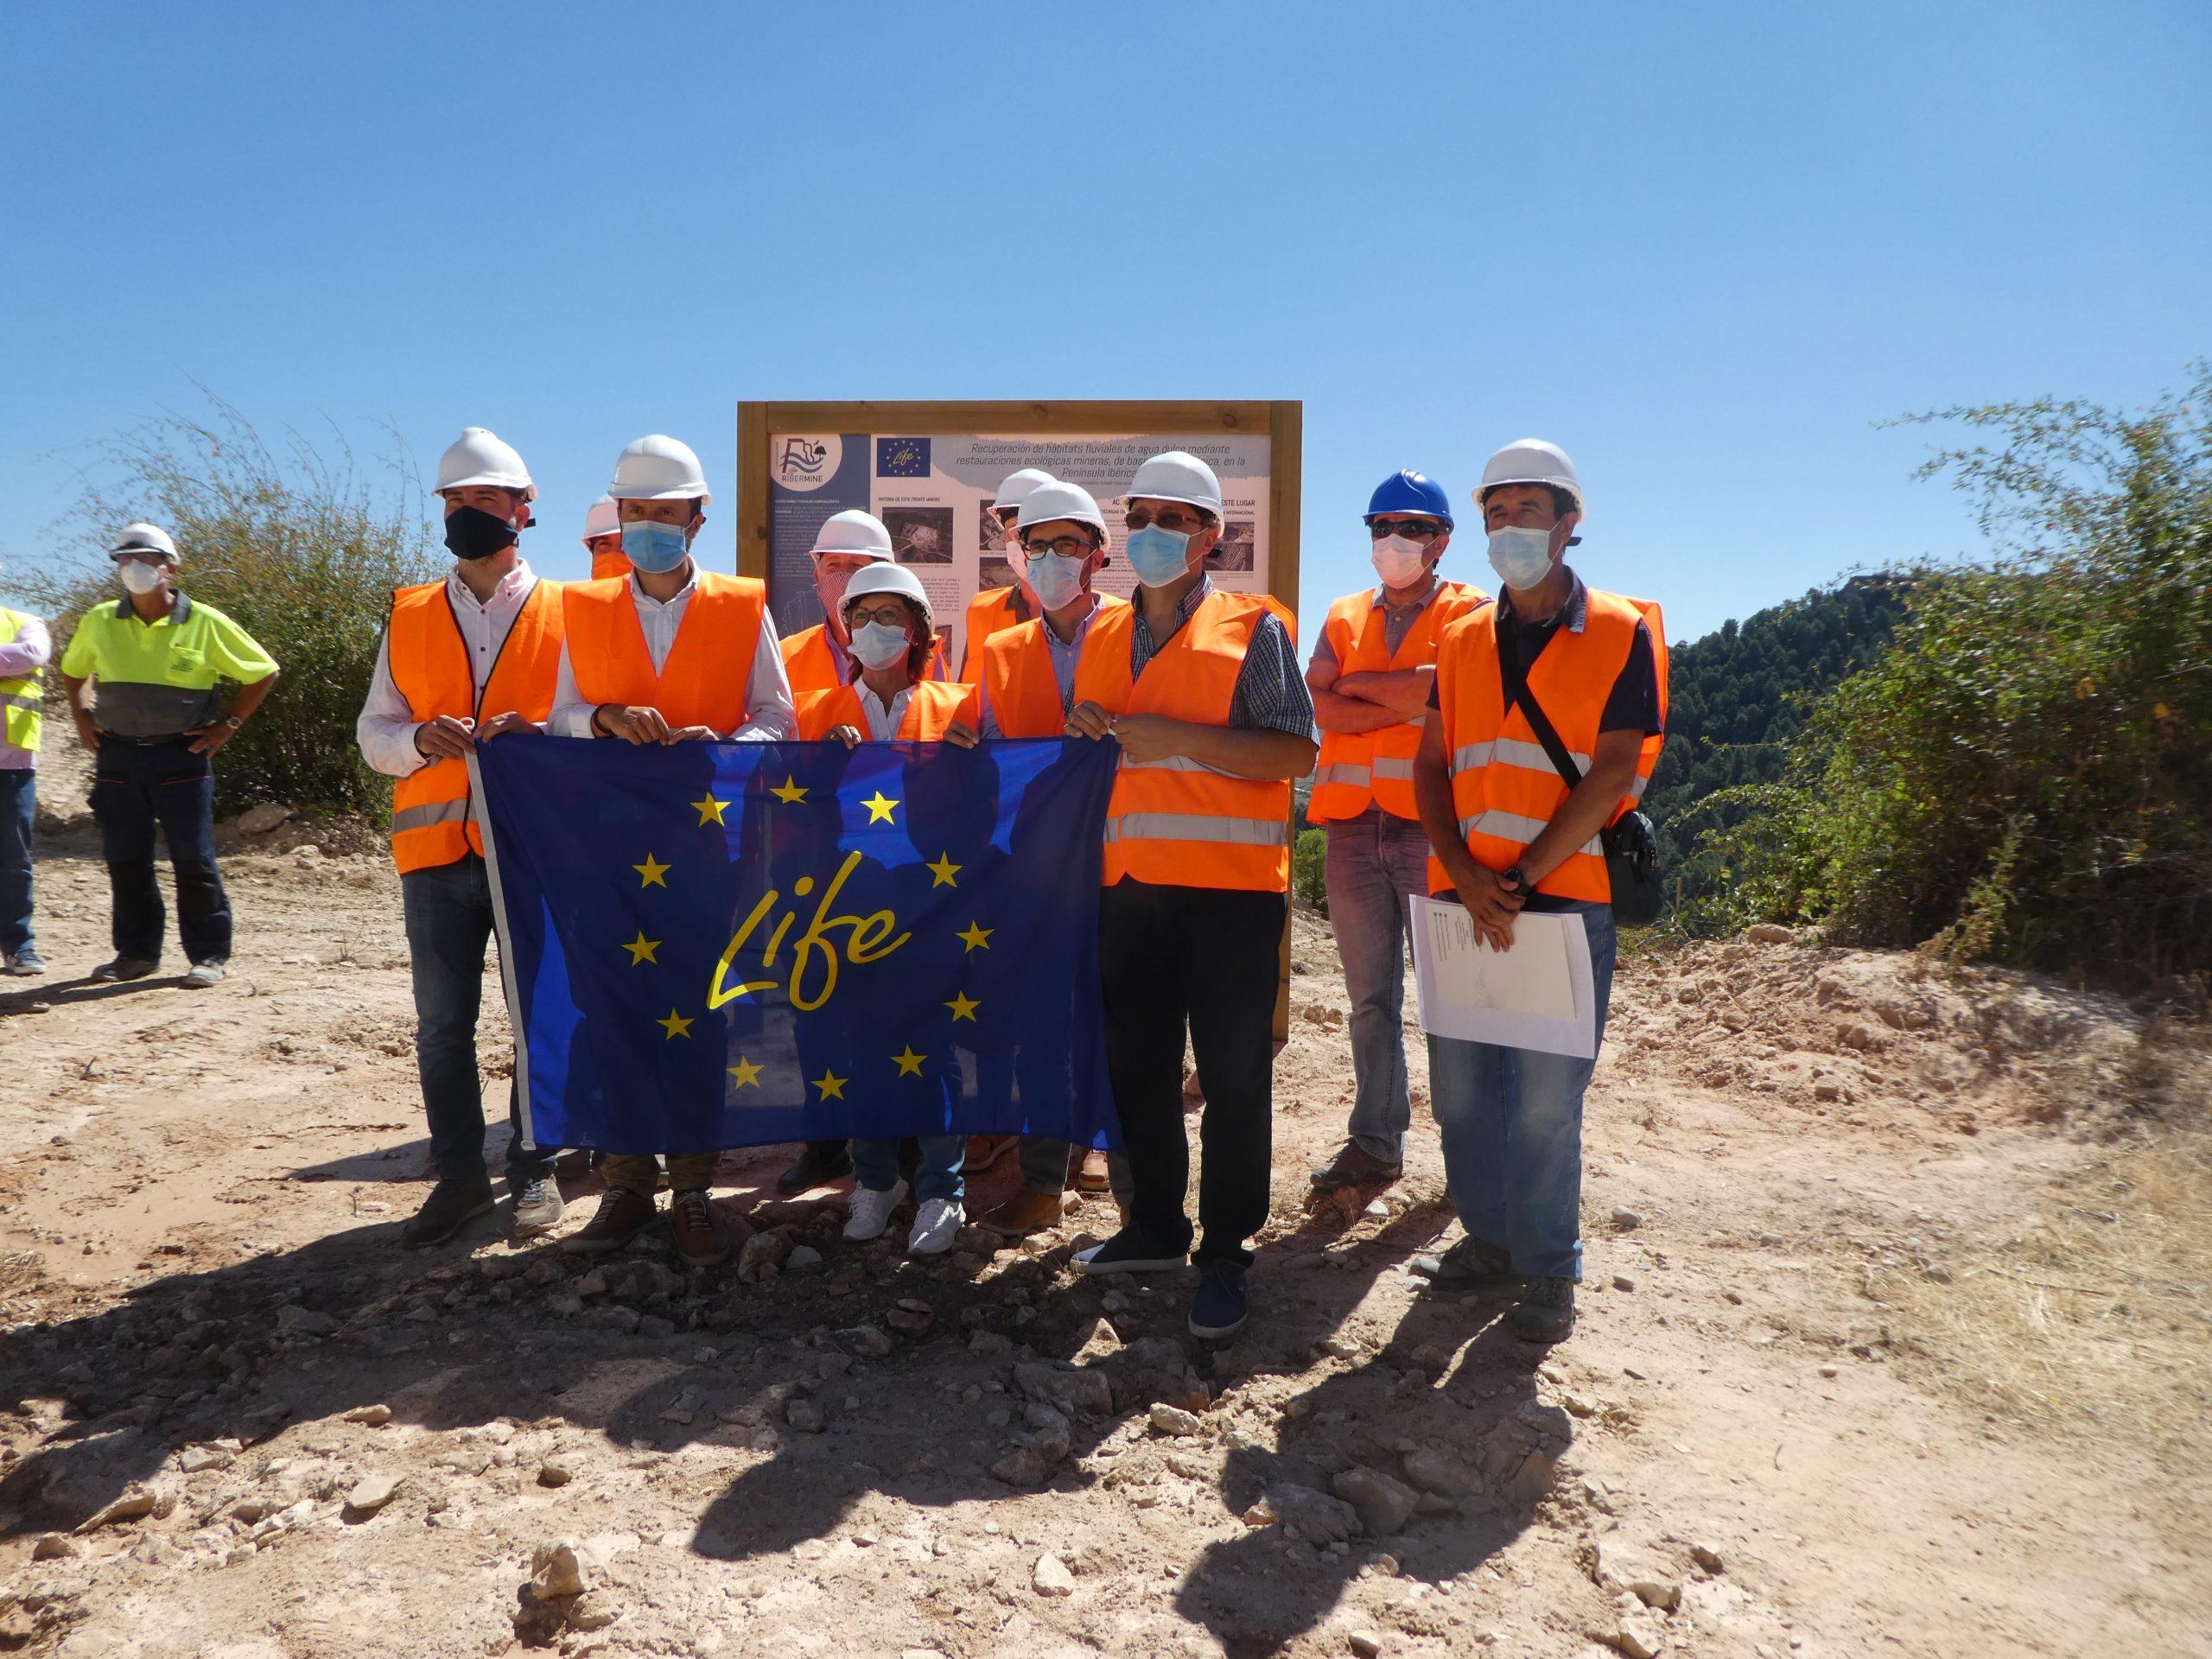 Projeto Europeu Life Ribermine, patrocinado pelo Governo de Castela-La Mancha, reconhecido entre as melhores práticas regionais em termos de energia e ação climática do Pacto Ecológico Europeu